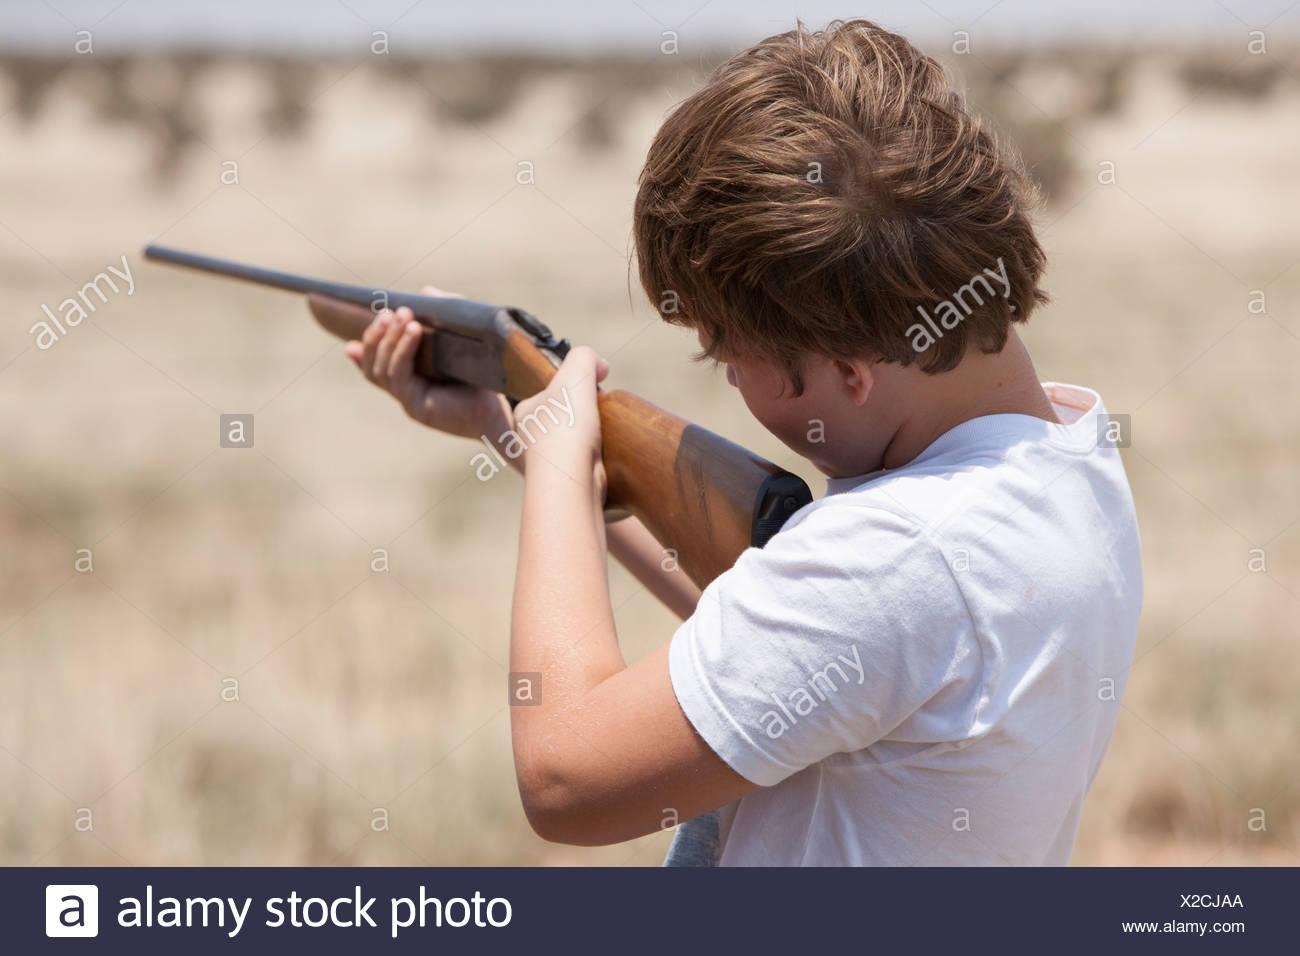 Boy with rifle, Texas, USA - Stock Image